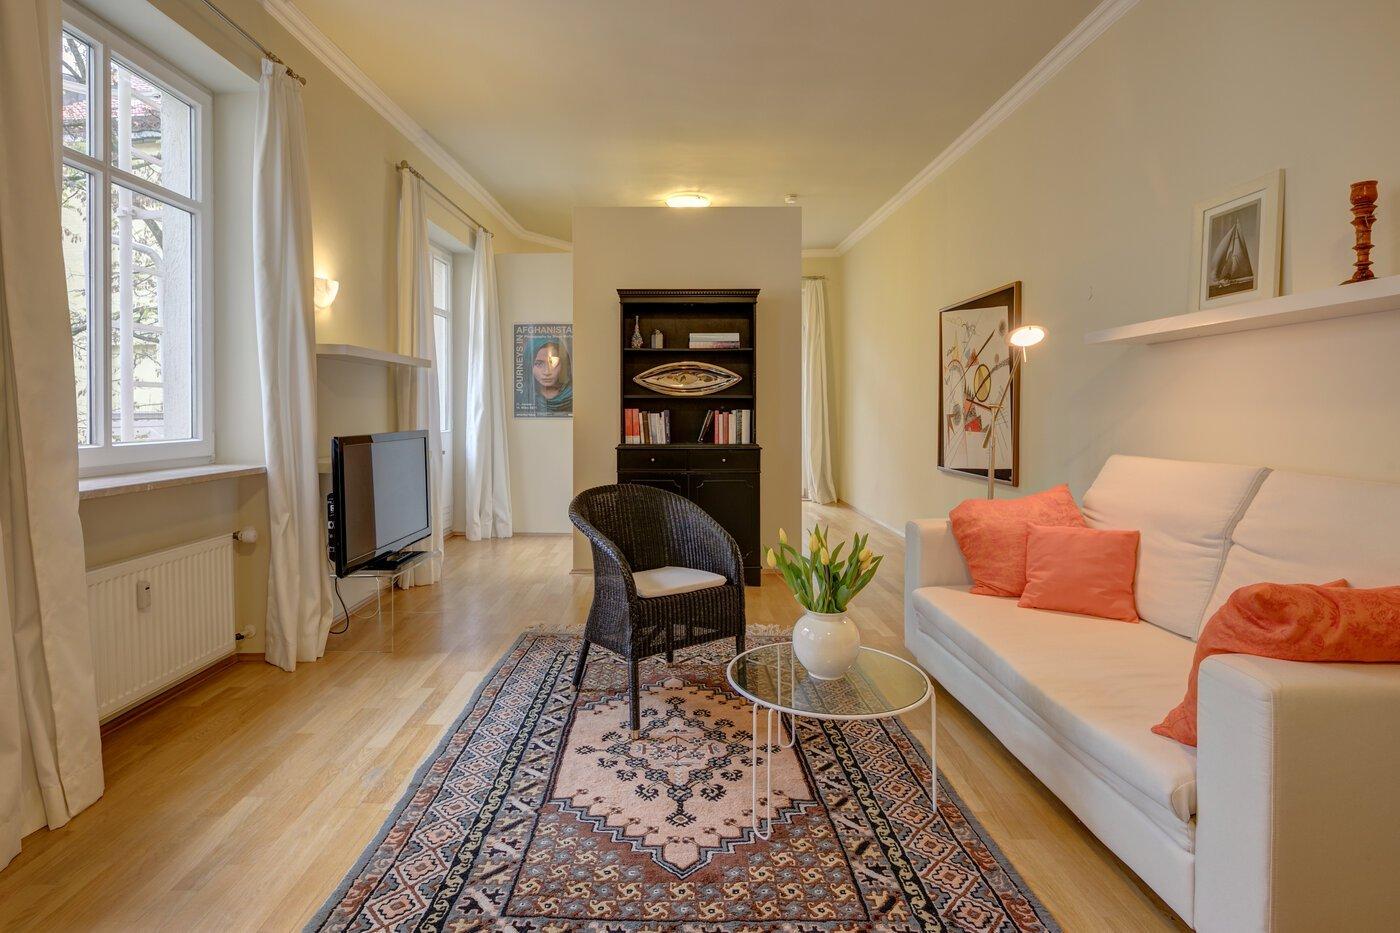 1 5 zimmer wohnung m bliert parkettboden m nchen schwabing 8523. Black Bedroom Furniture Sets. Home Design Ideas